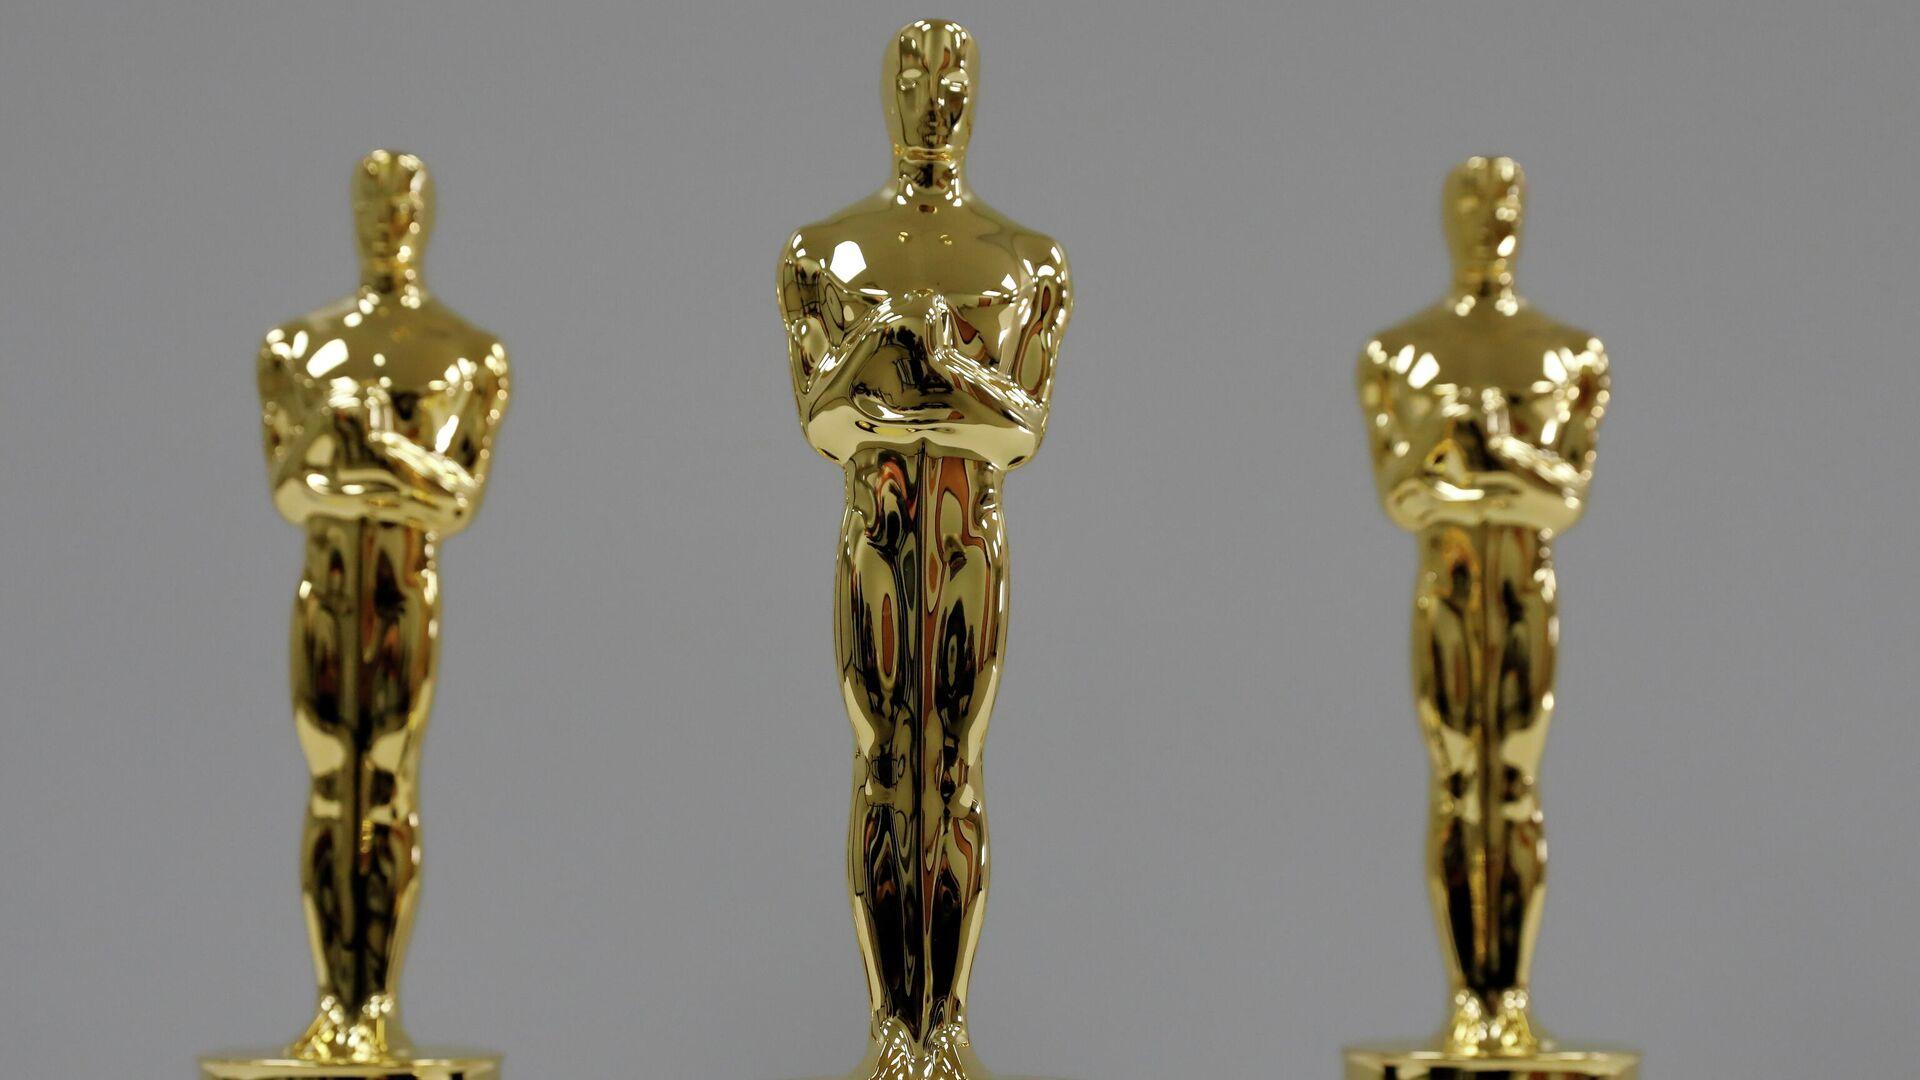 Estatuillas del premio Óscar (archivo) - Sputnik Mundo, 1920, 24.04.2021